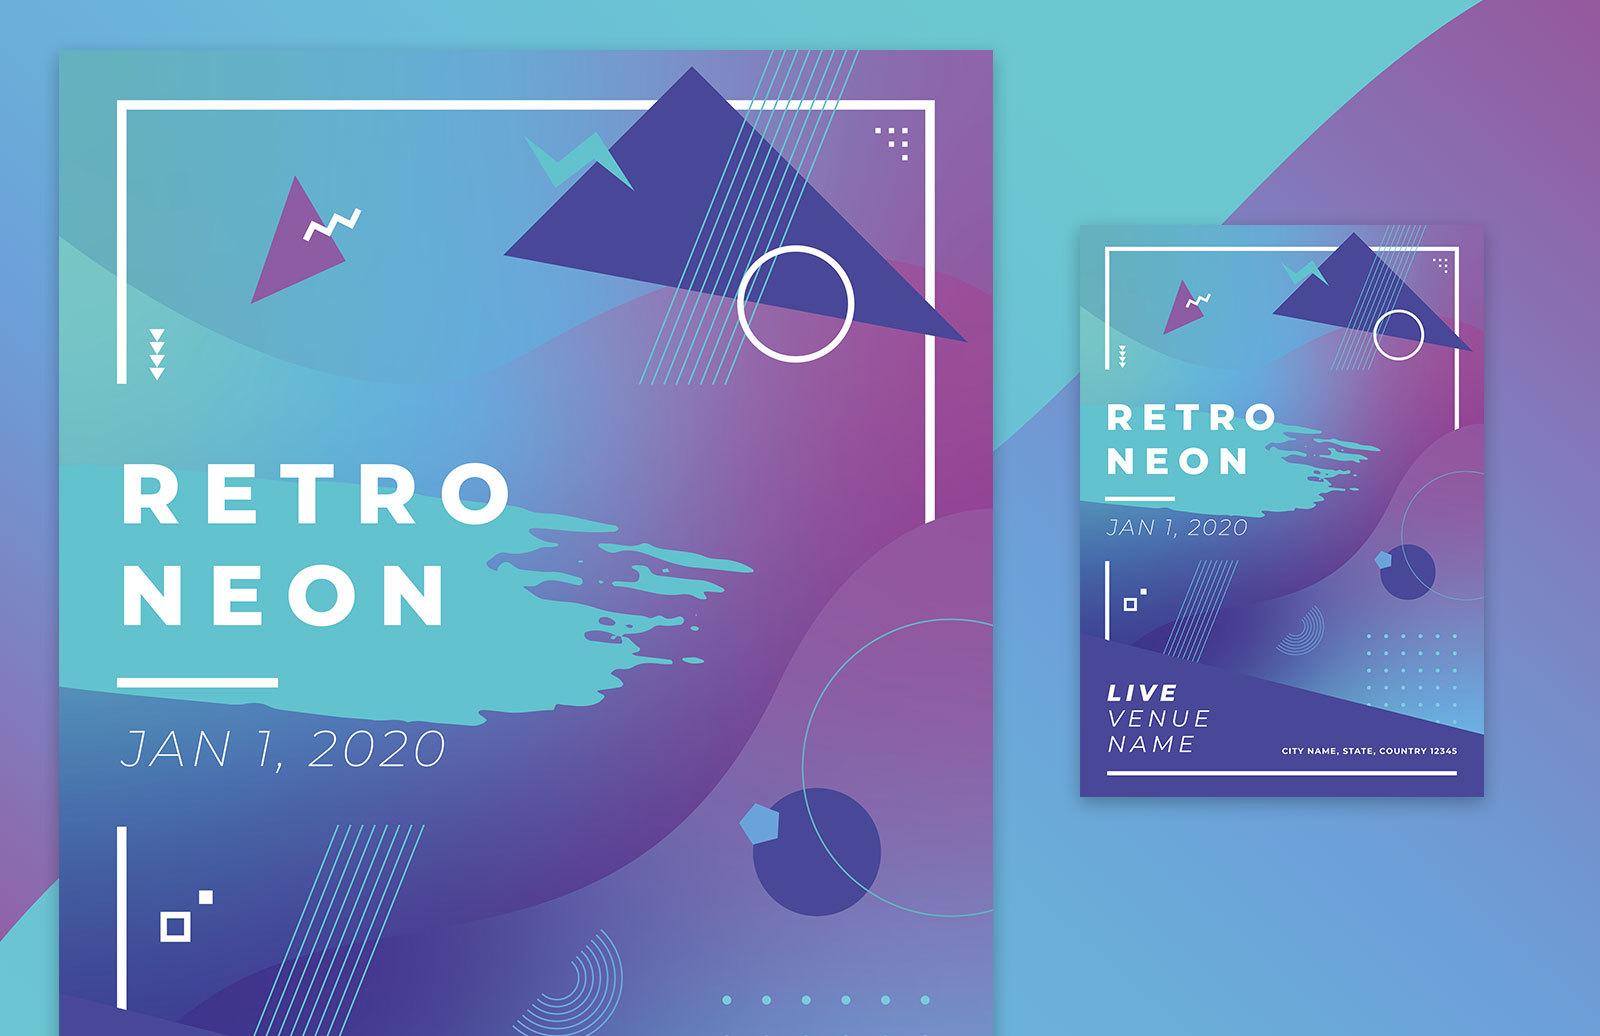 Retro Neon Poster Template